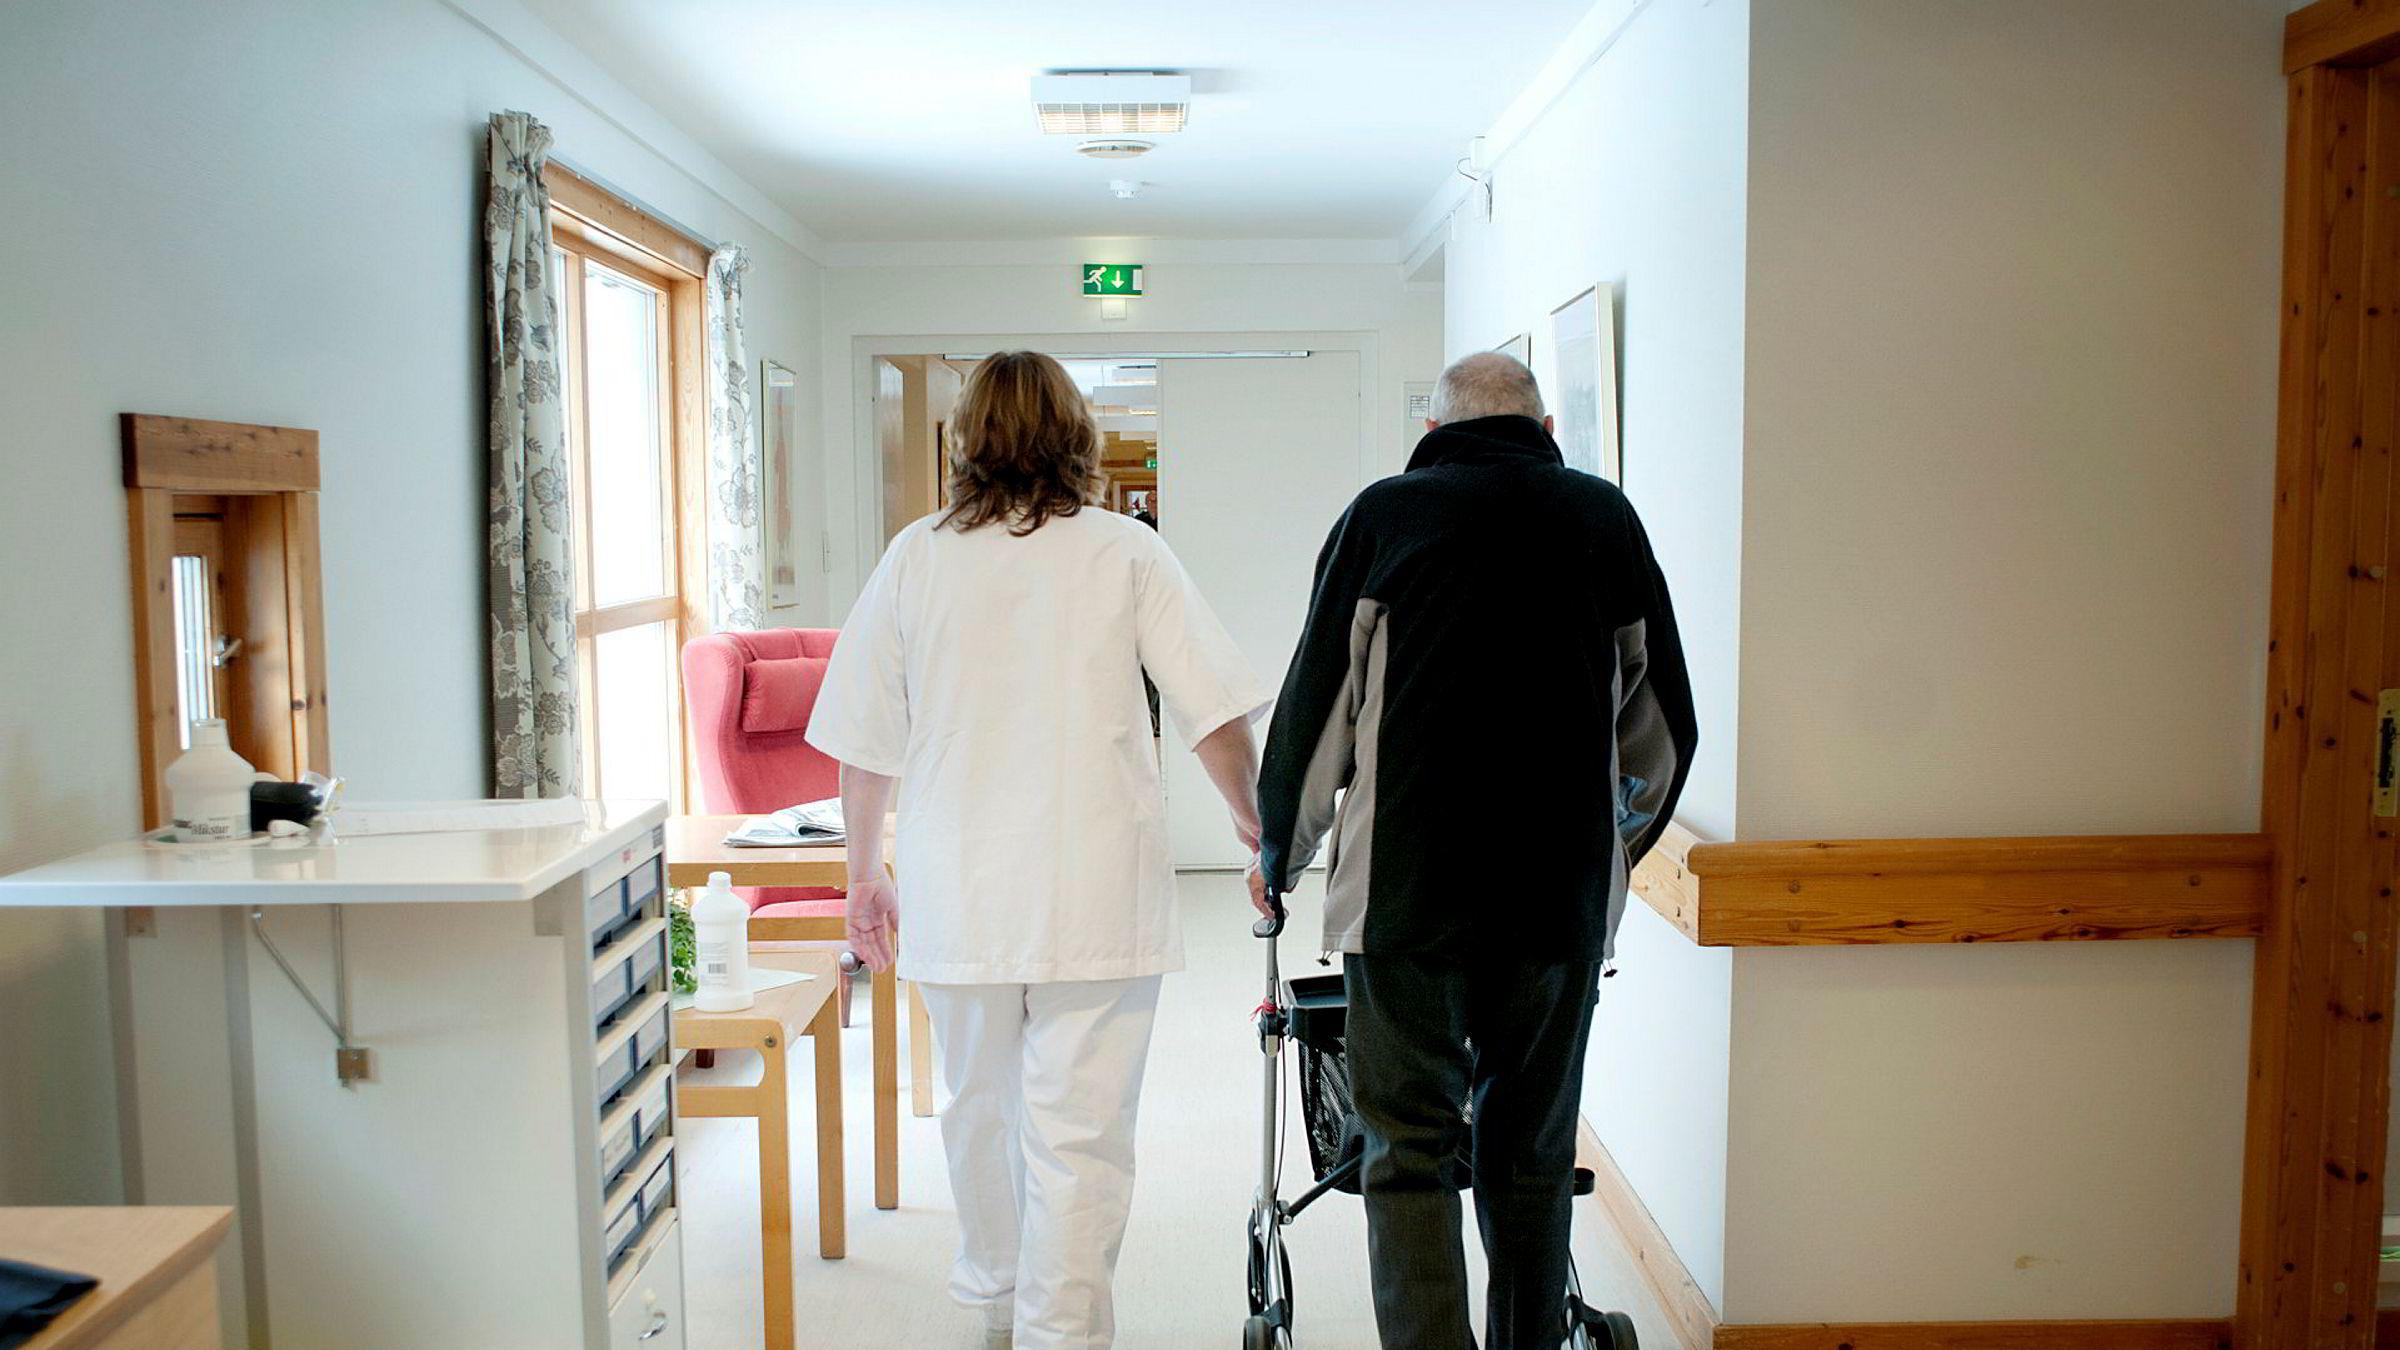 Mye deltid på norske sykehjem skyldes som regel helt andre forhold enn dårlig ledelse, mener artikkelforfatteren.